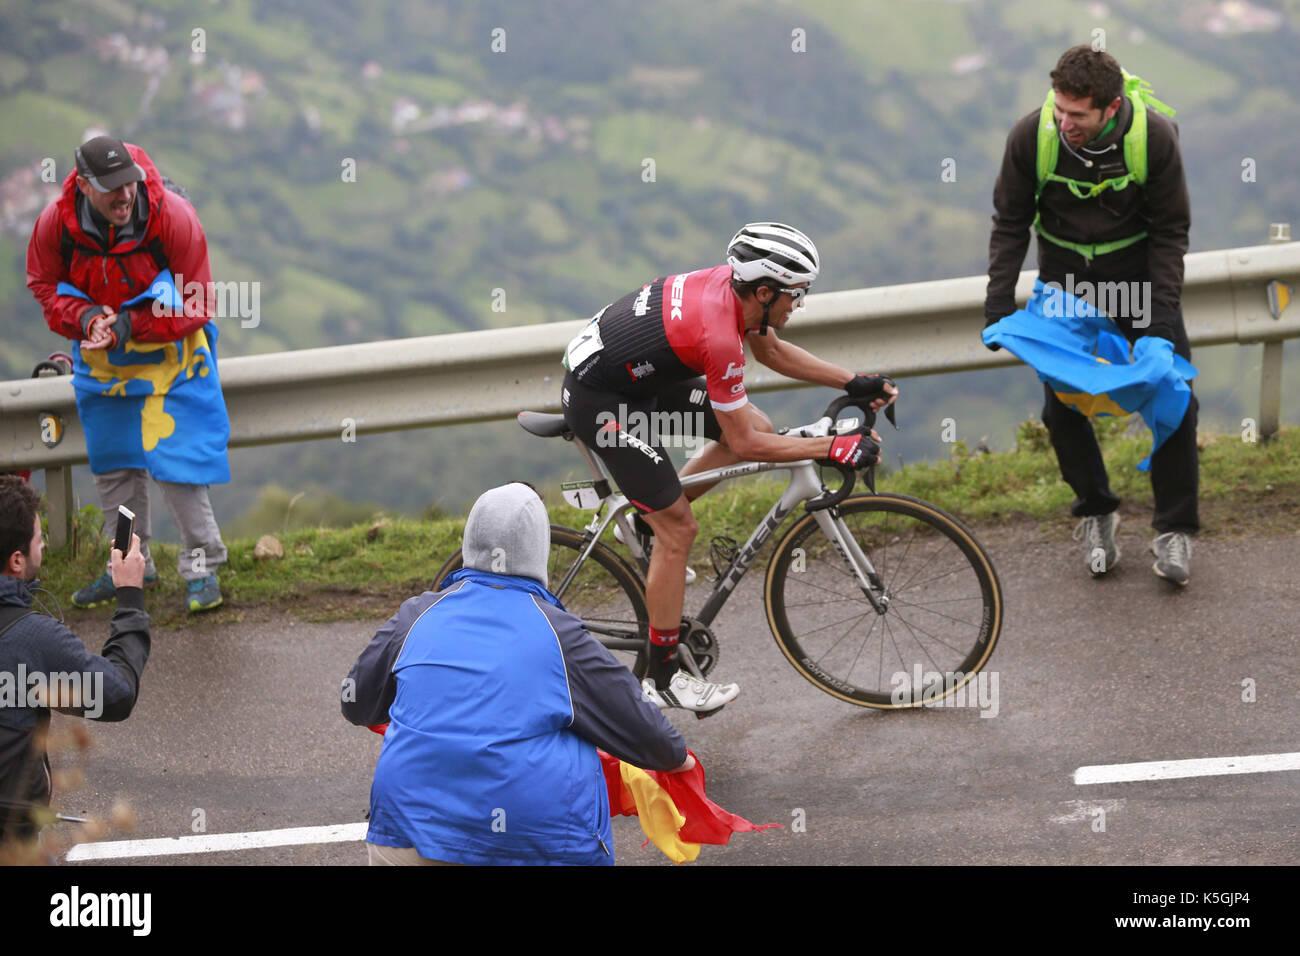 024295a74a1 Asturias, Spain, 09 September 2017. Spanish cyclist Alberto Contador,  winner of the